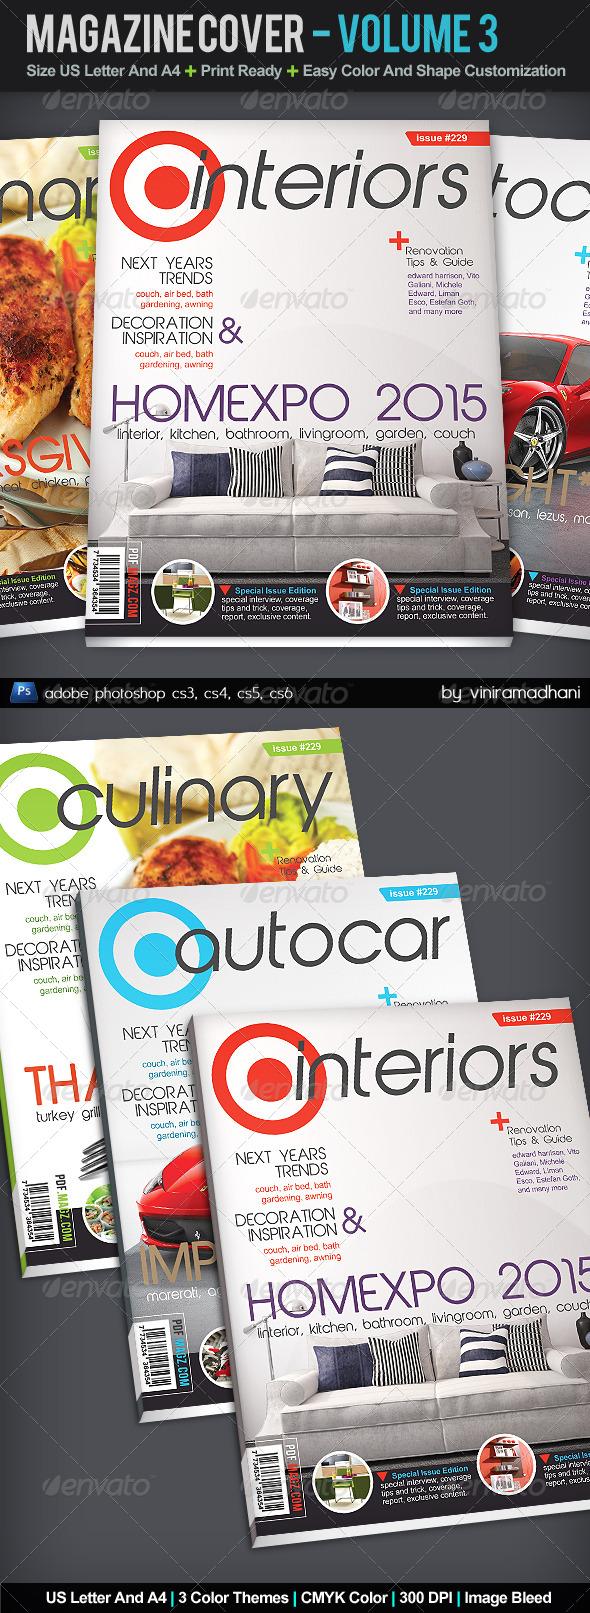 GraphicRiver Magazine Cover Volume 3 5368803